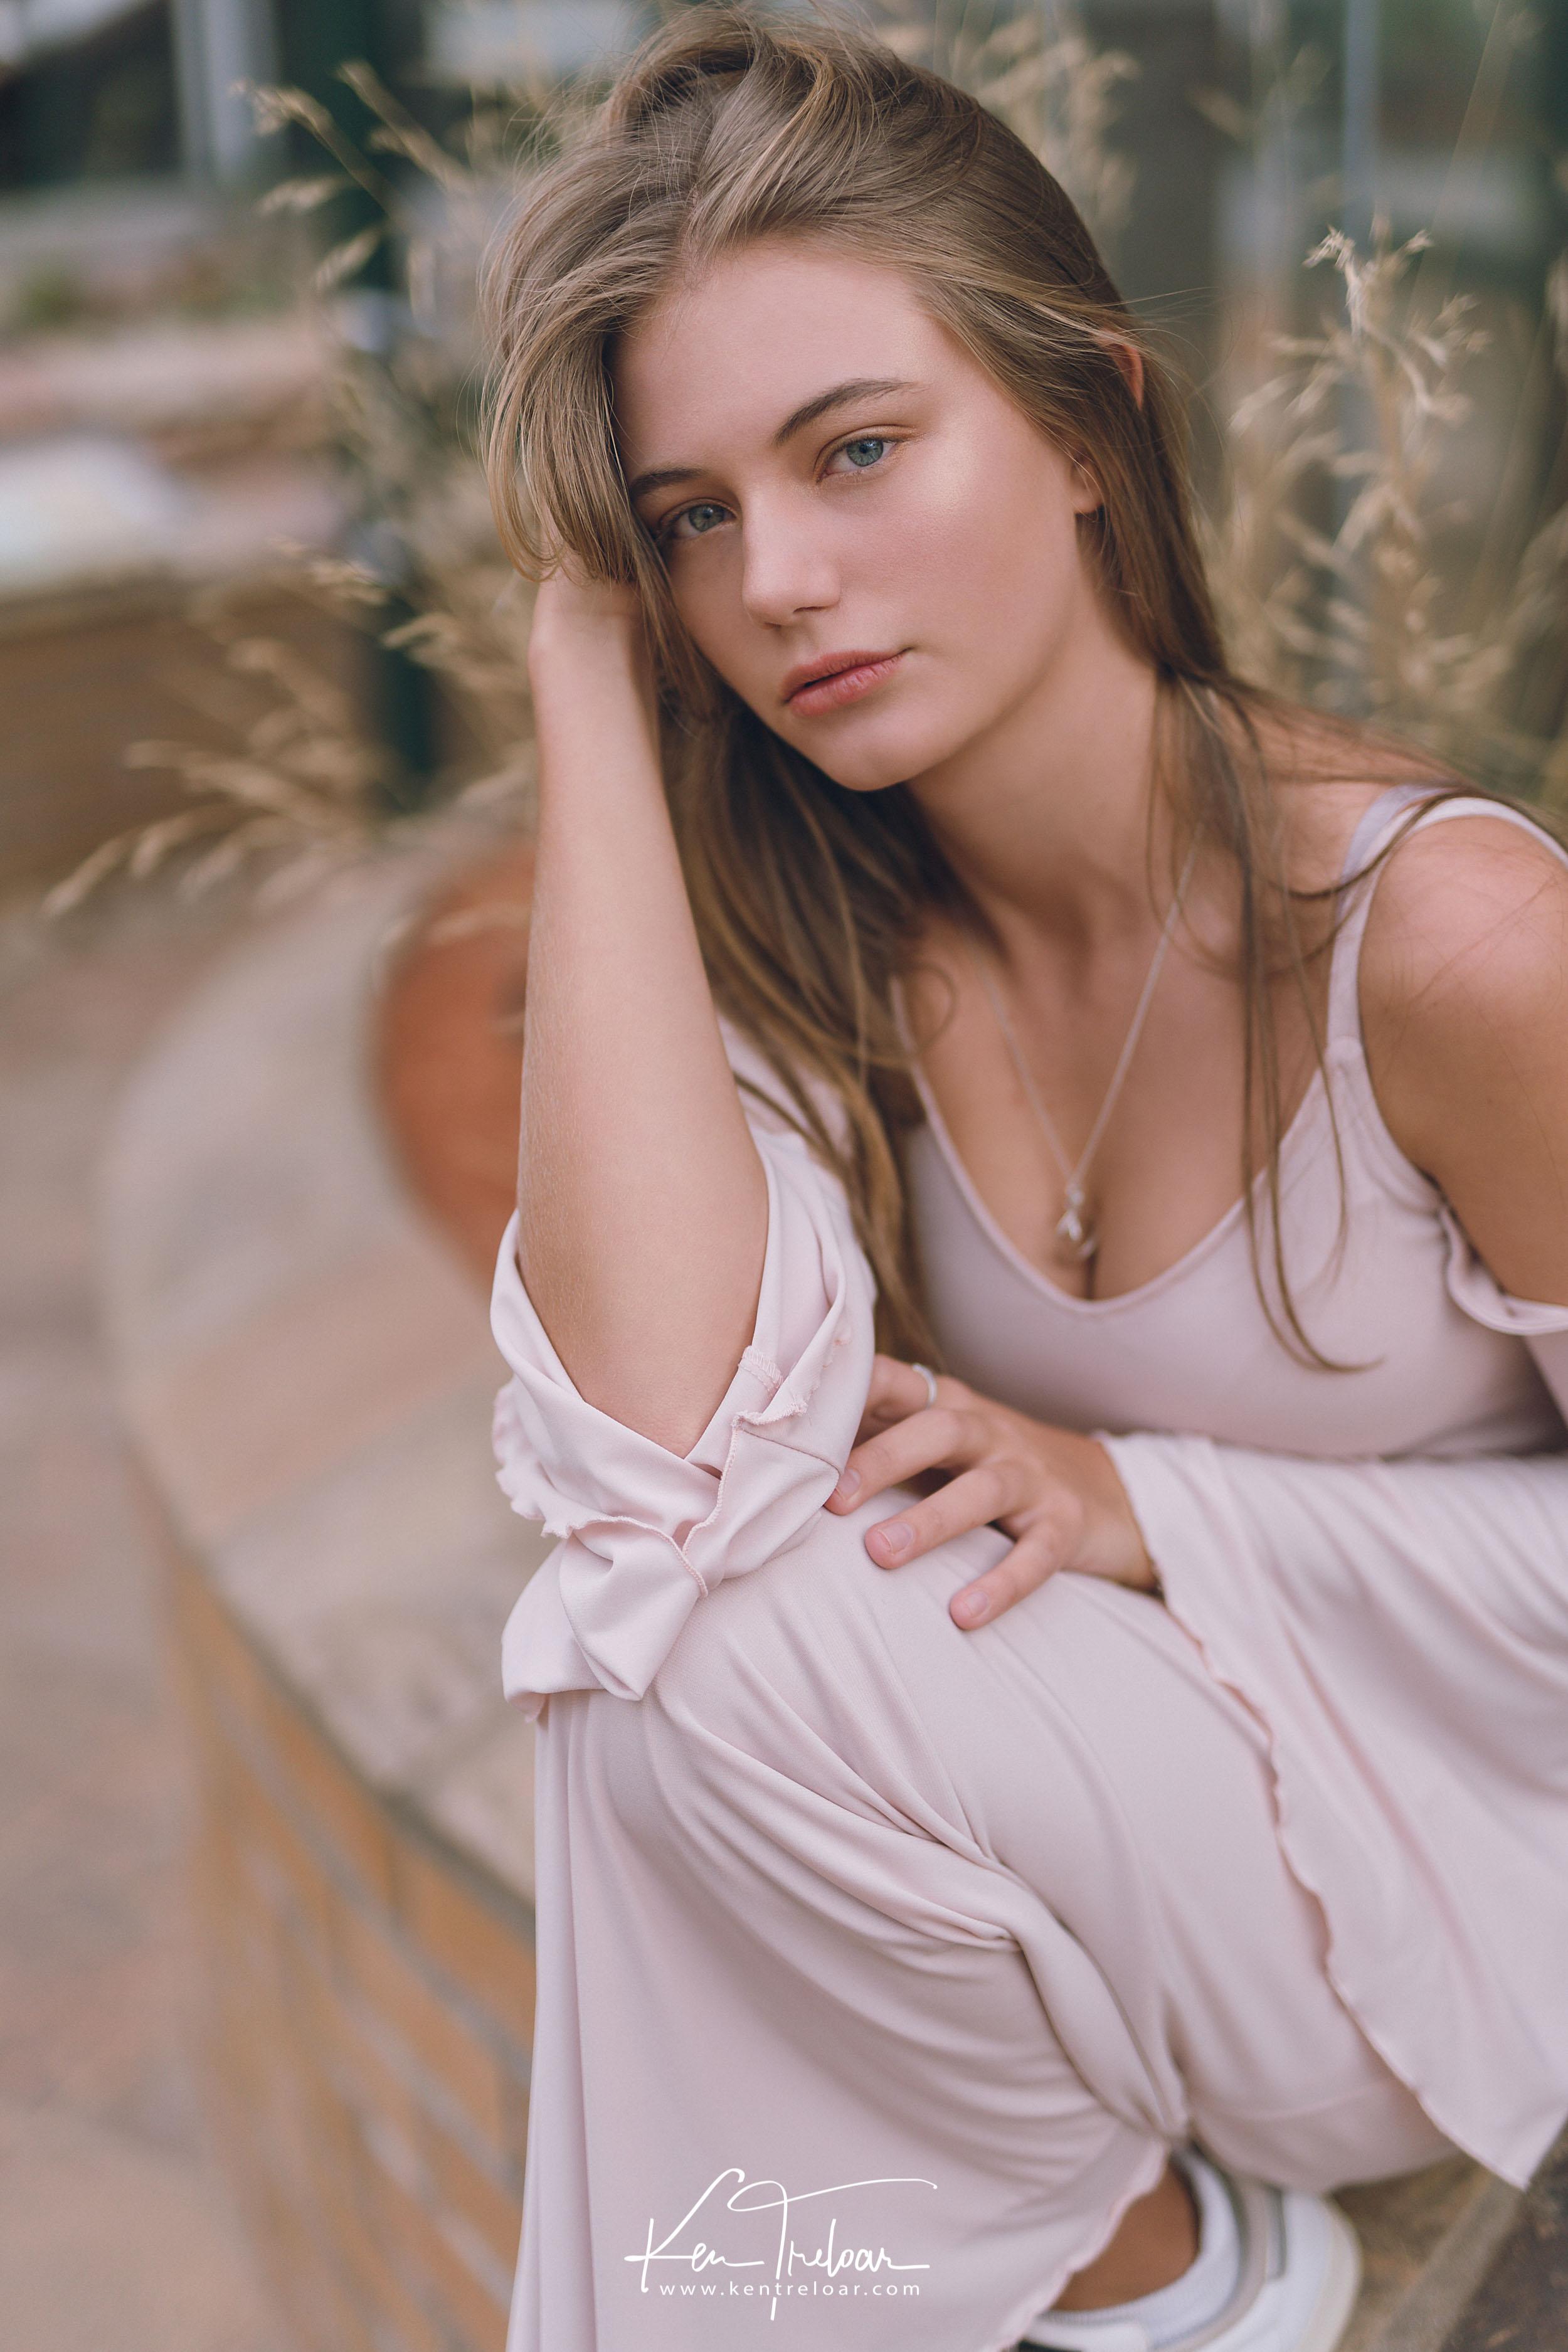 Nika Wood Portraits - Boss Models Cape Town by Ken Treloar - Cape Image Co-3.jpg